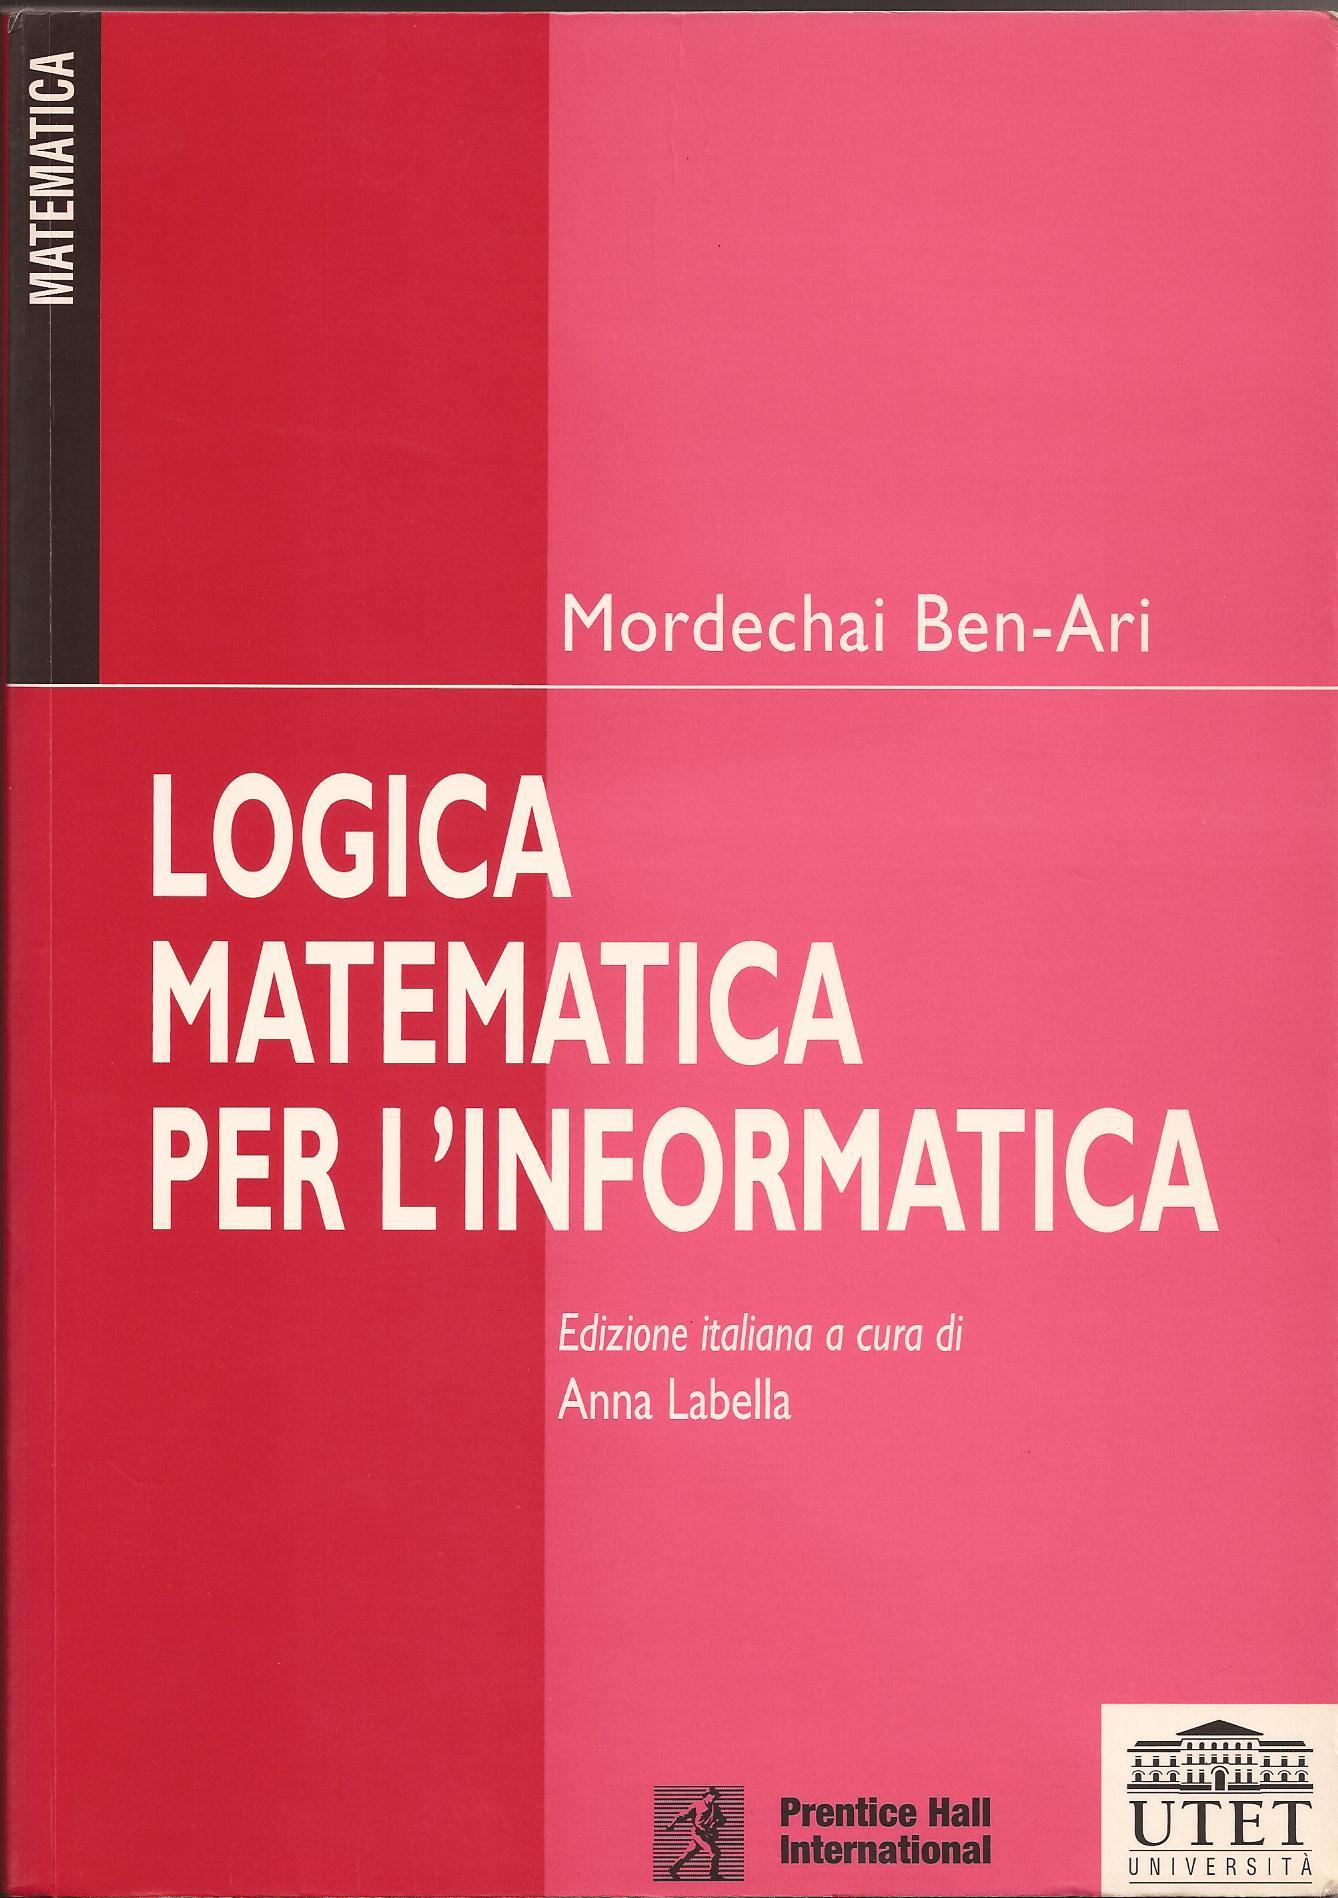 Logica matematica per l'informatica